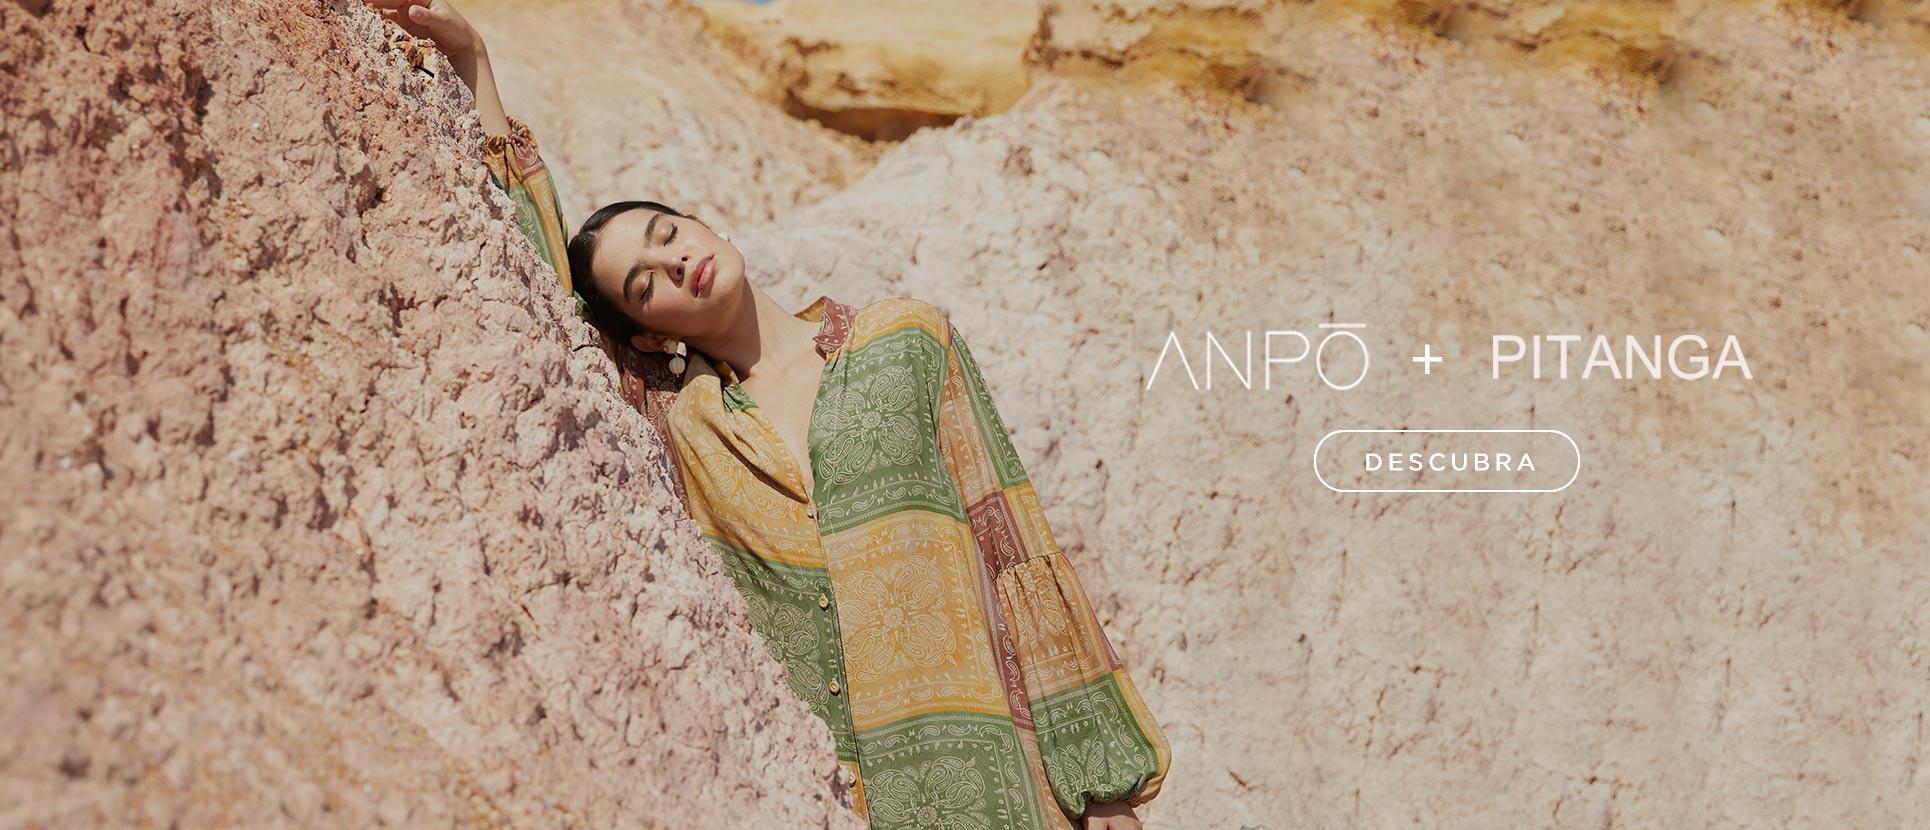 bannerpitangaanpo_02